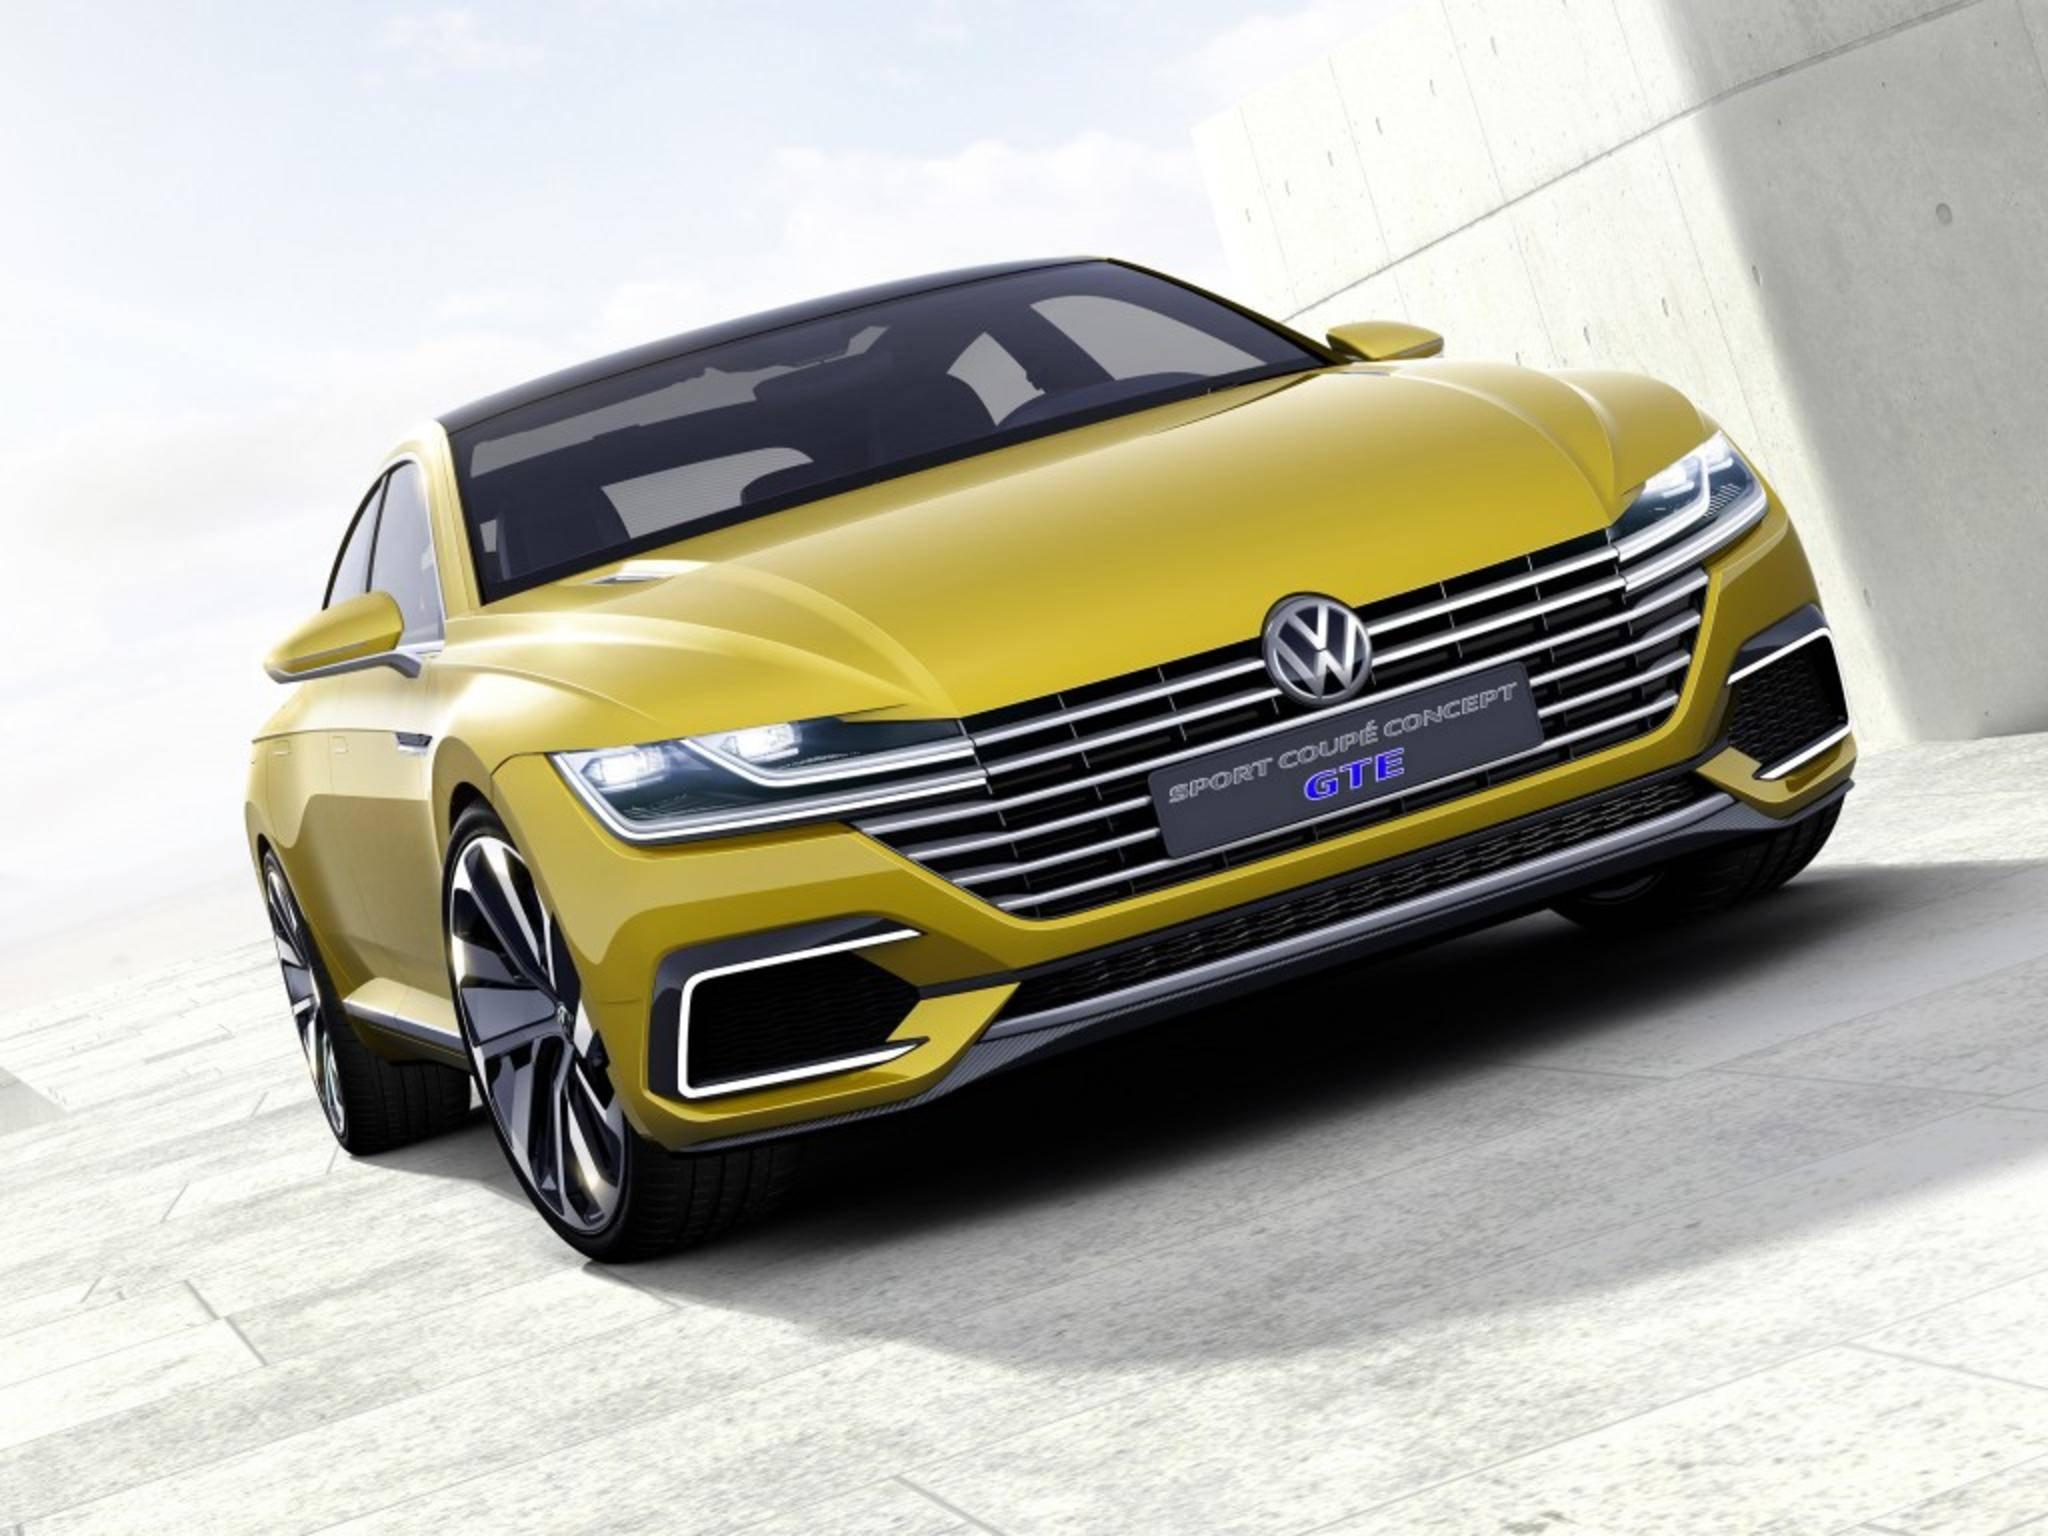 Das neue VW Concept Car kommuniziert mit der Smartwatch des Fahrers.